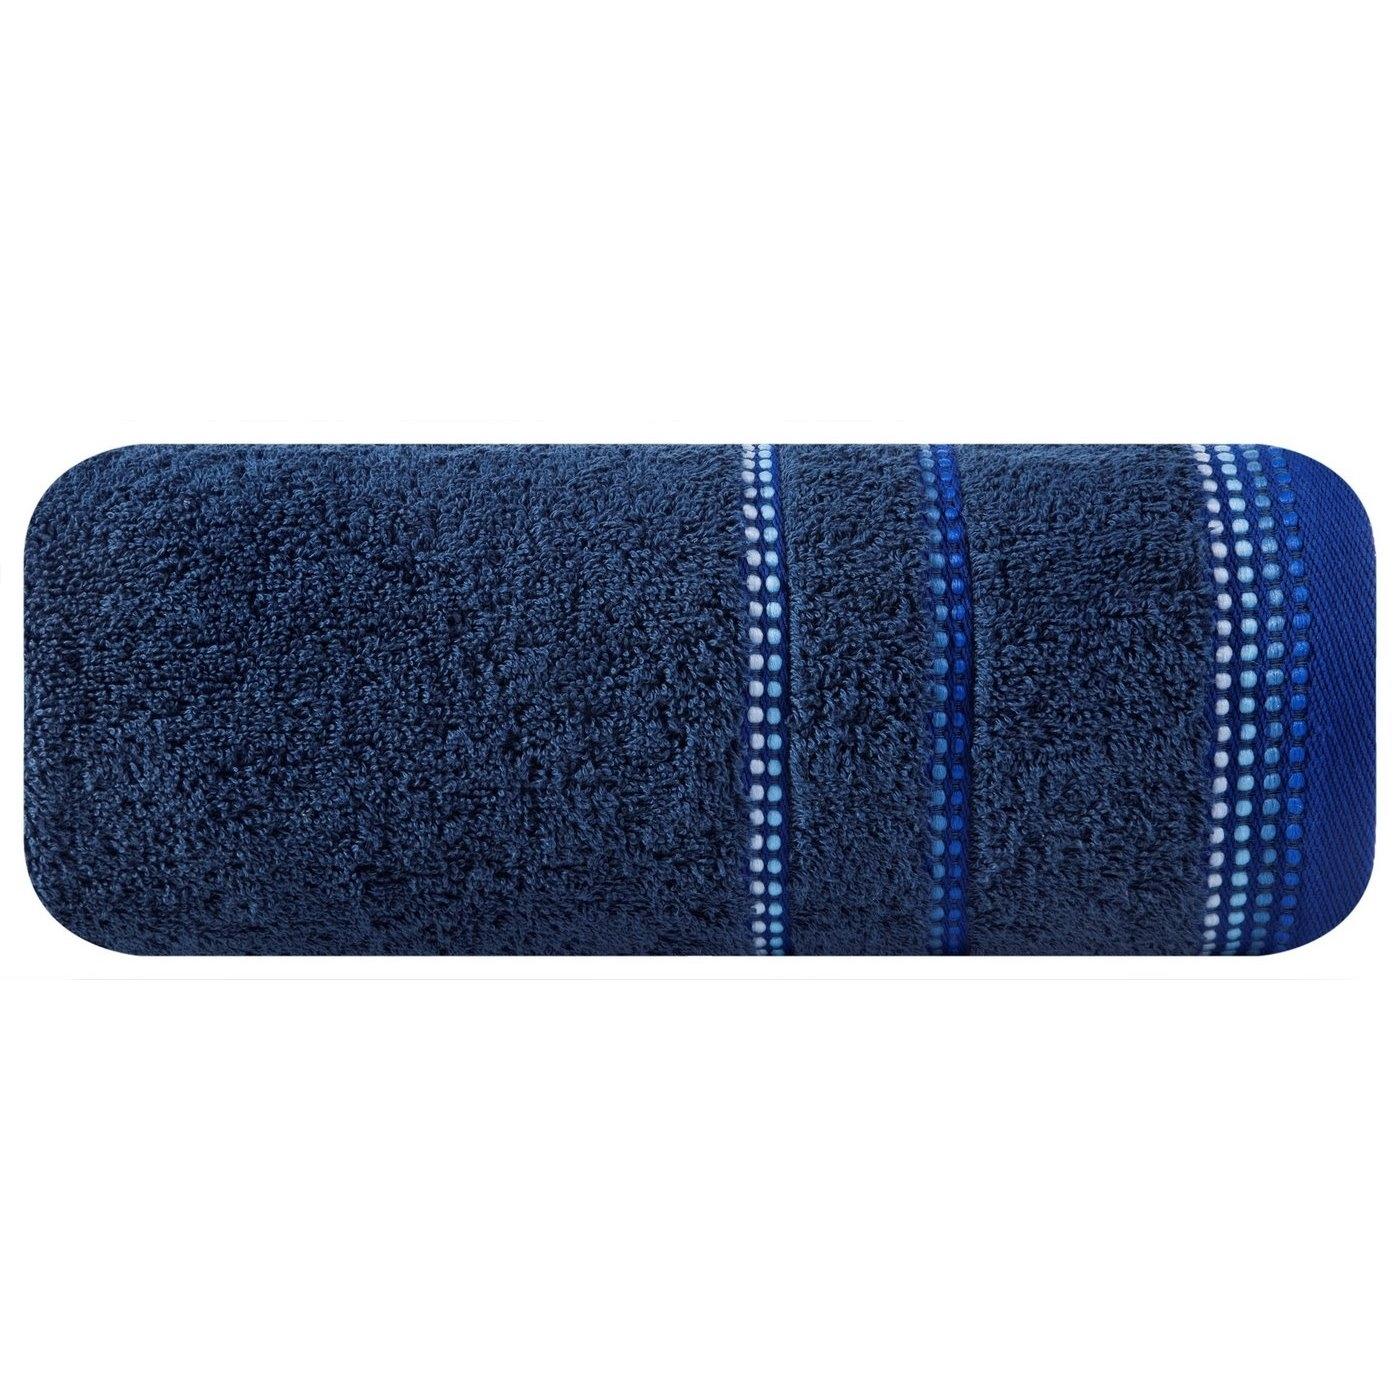 Prosop baie din bumbac Kora Albastru inchis, 50 x 90 cm